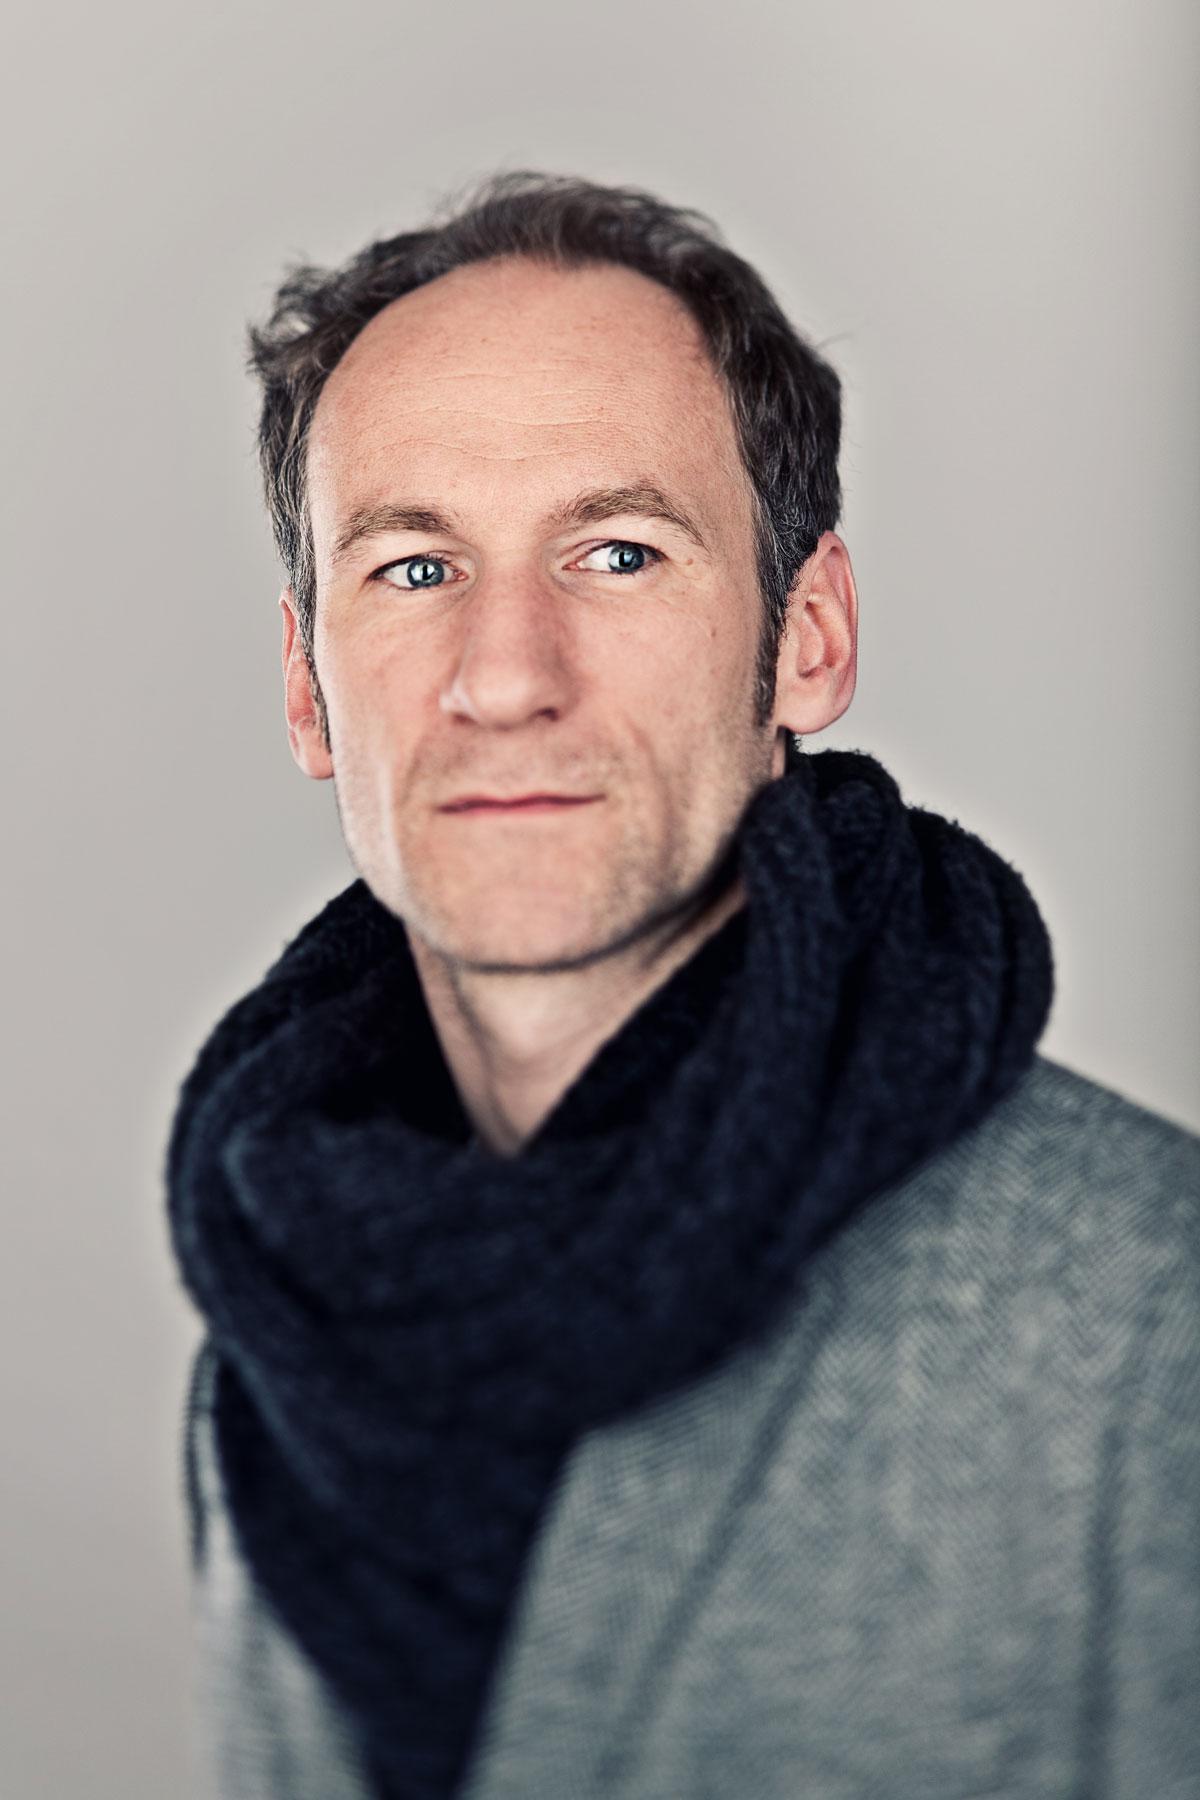 Michael Dorn - Photo Colection